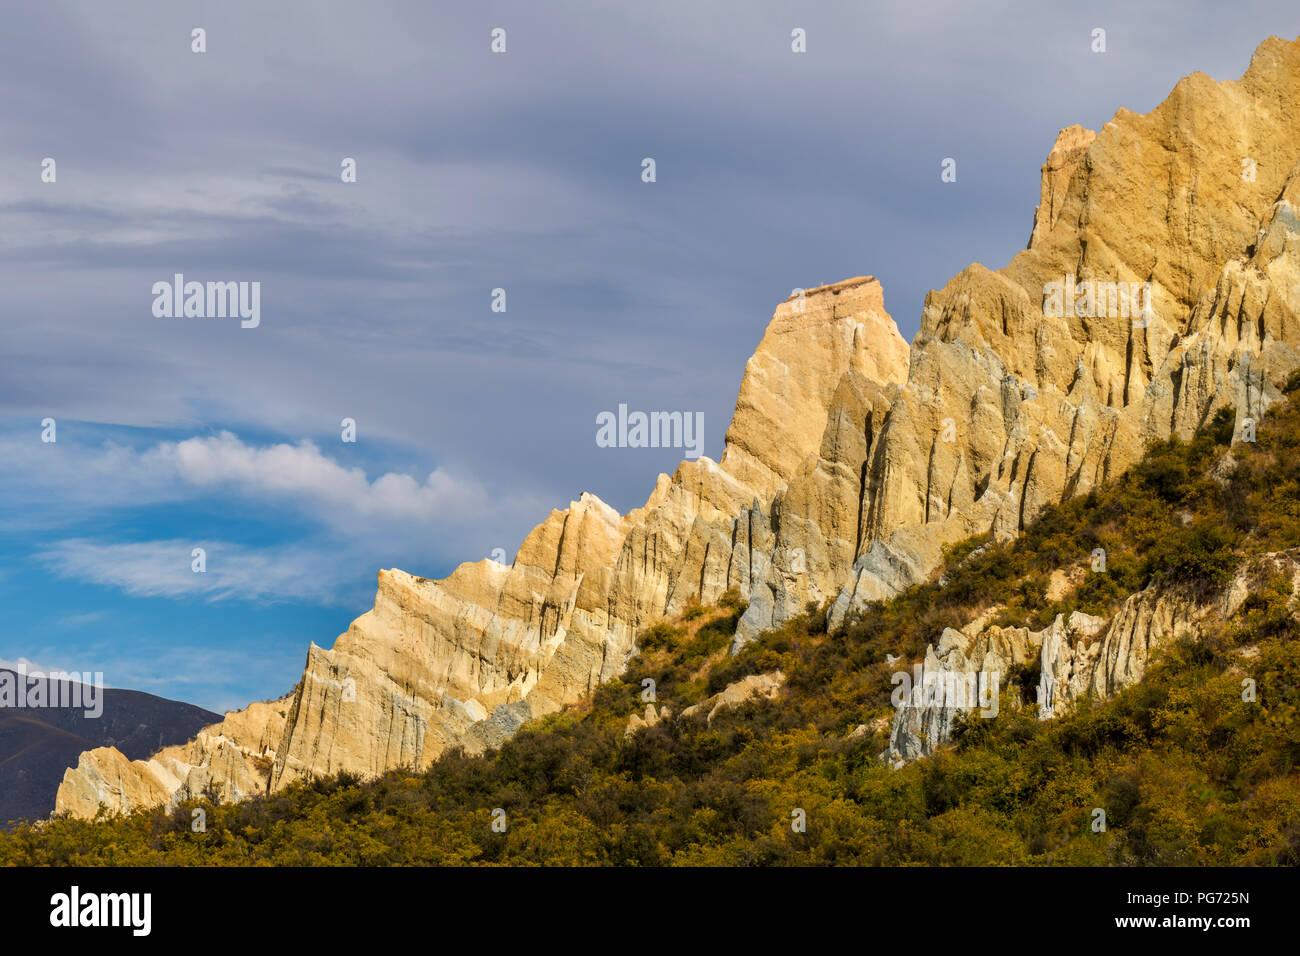 New Zealand, South Island, Omarama, Clay Cliff - Stock Image